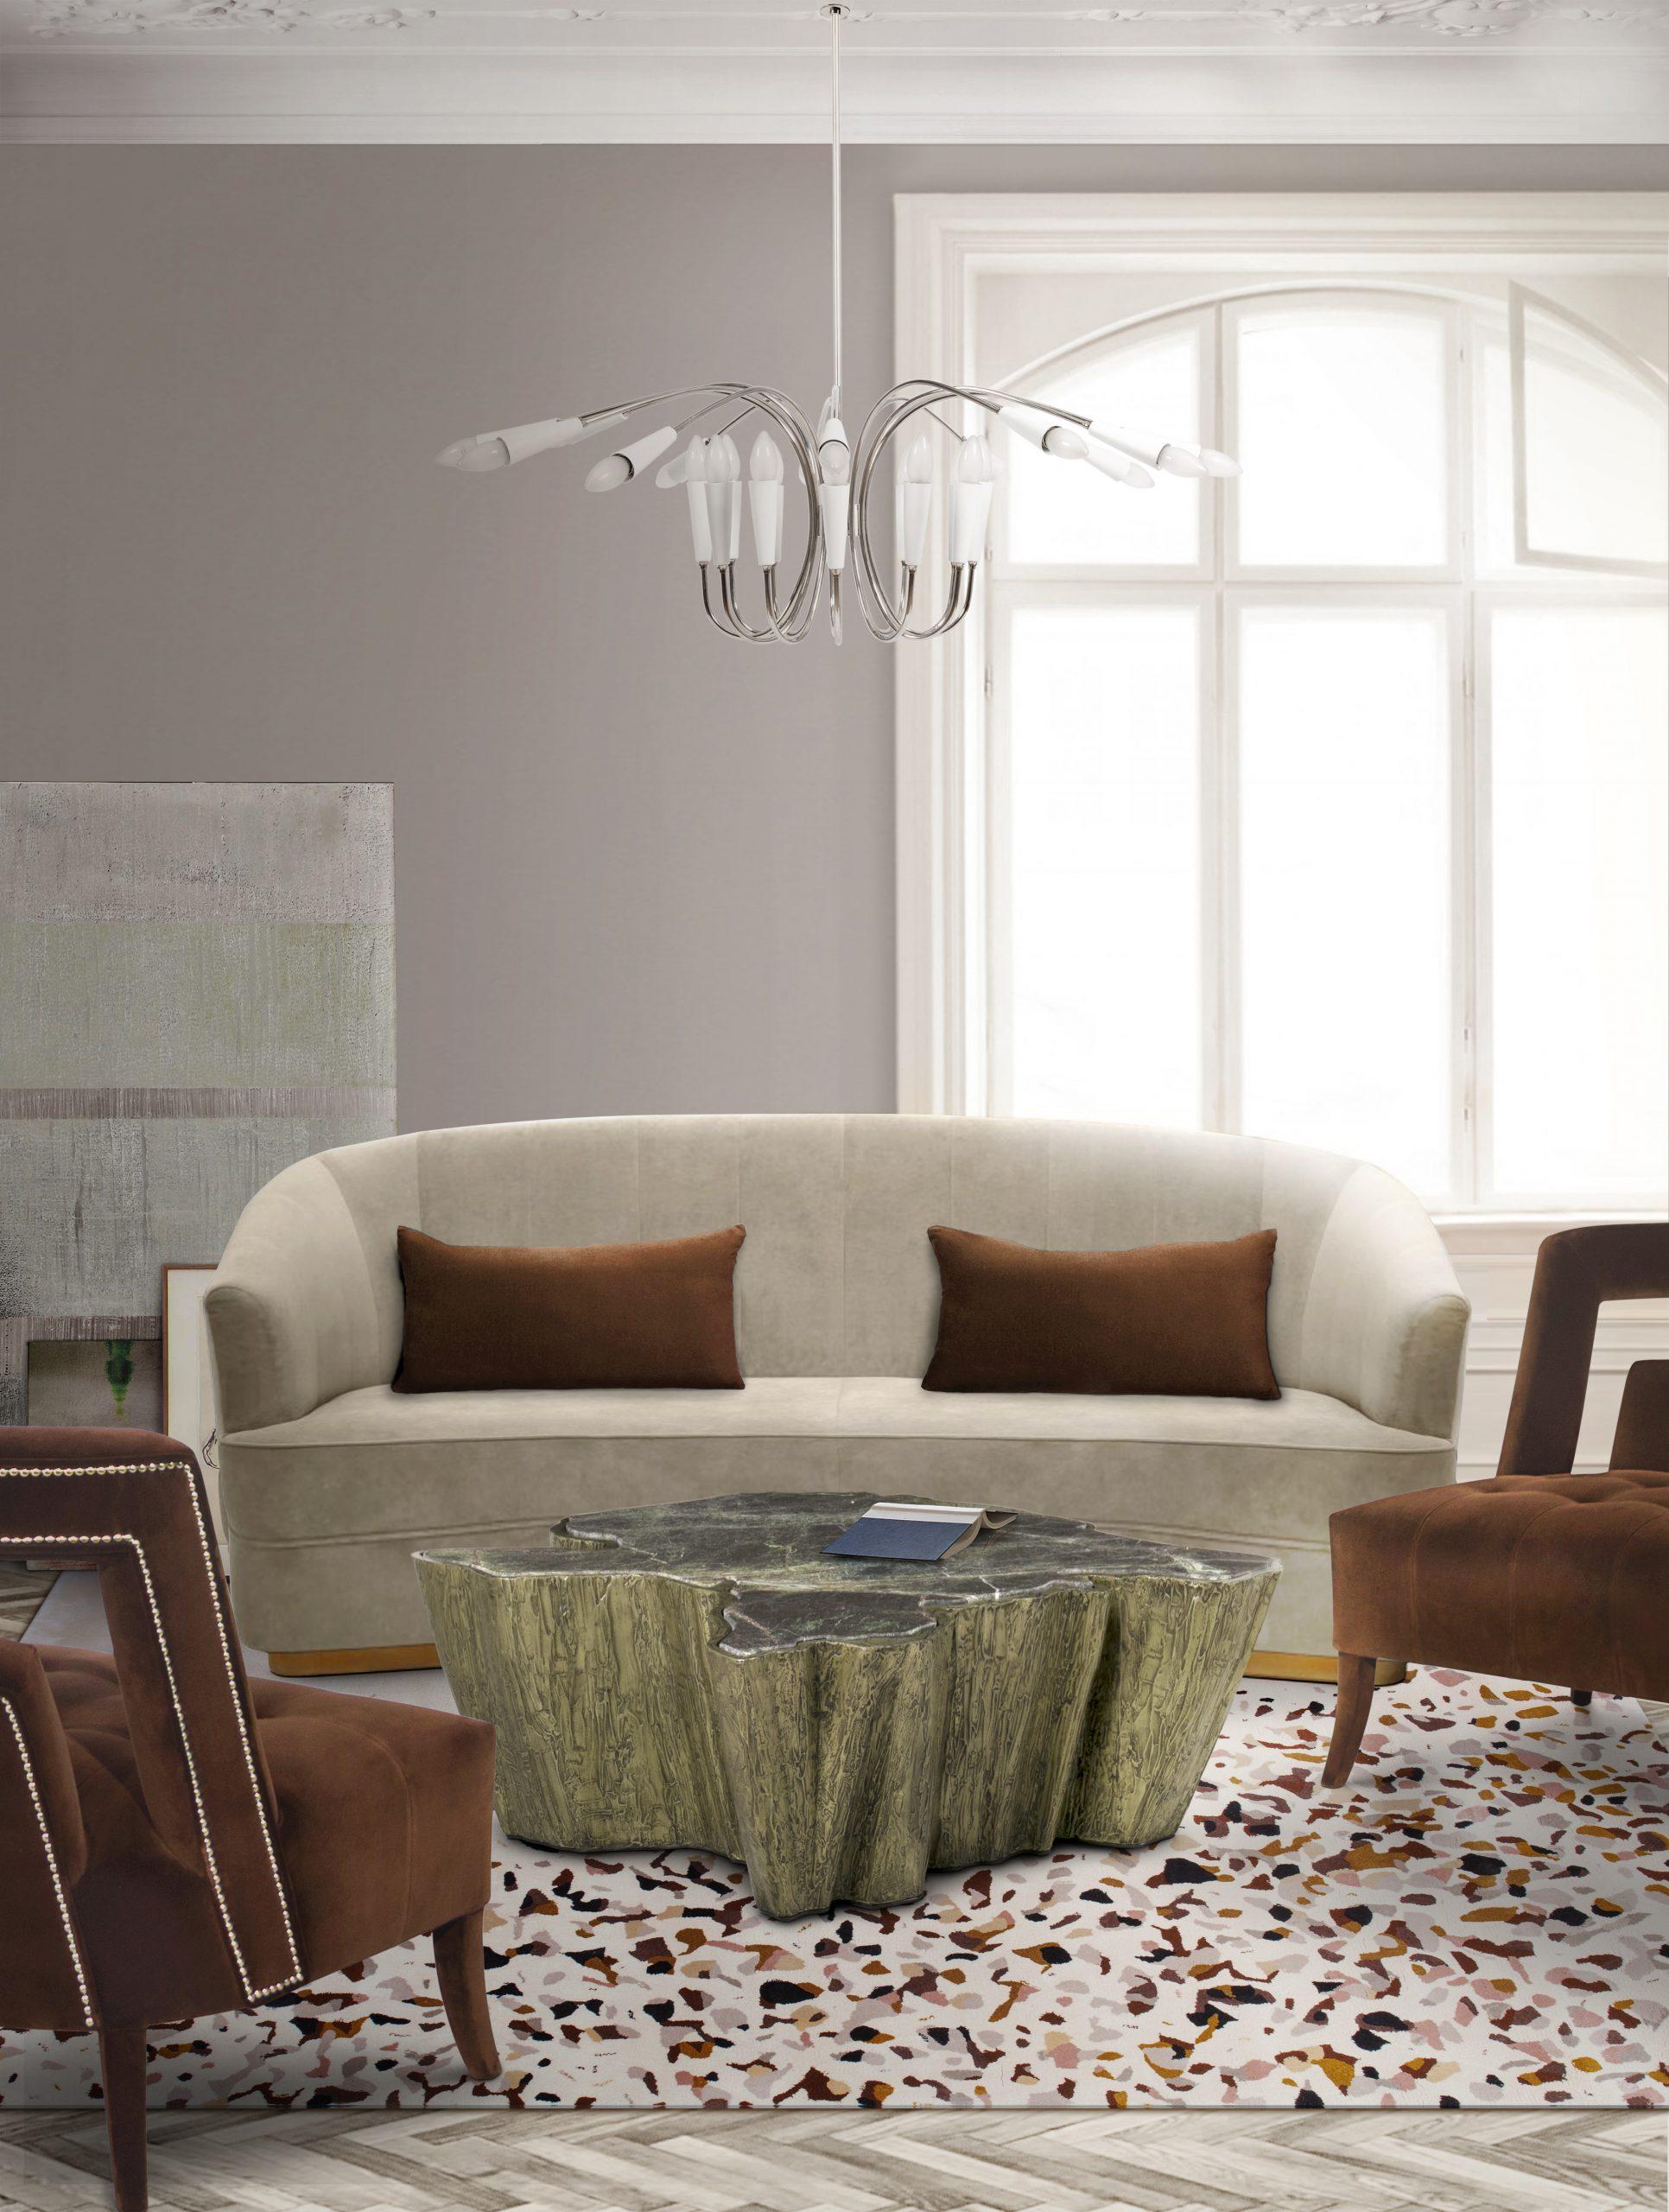 5 Best Velvet Sofas For Modern Living Rooms velvet sofas 5 Best Velvet Sofas For Modern Living Rooms BB saari sofa sequoia center terrazzo scaled